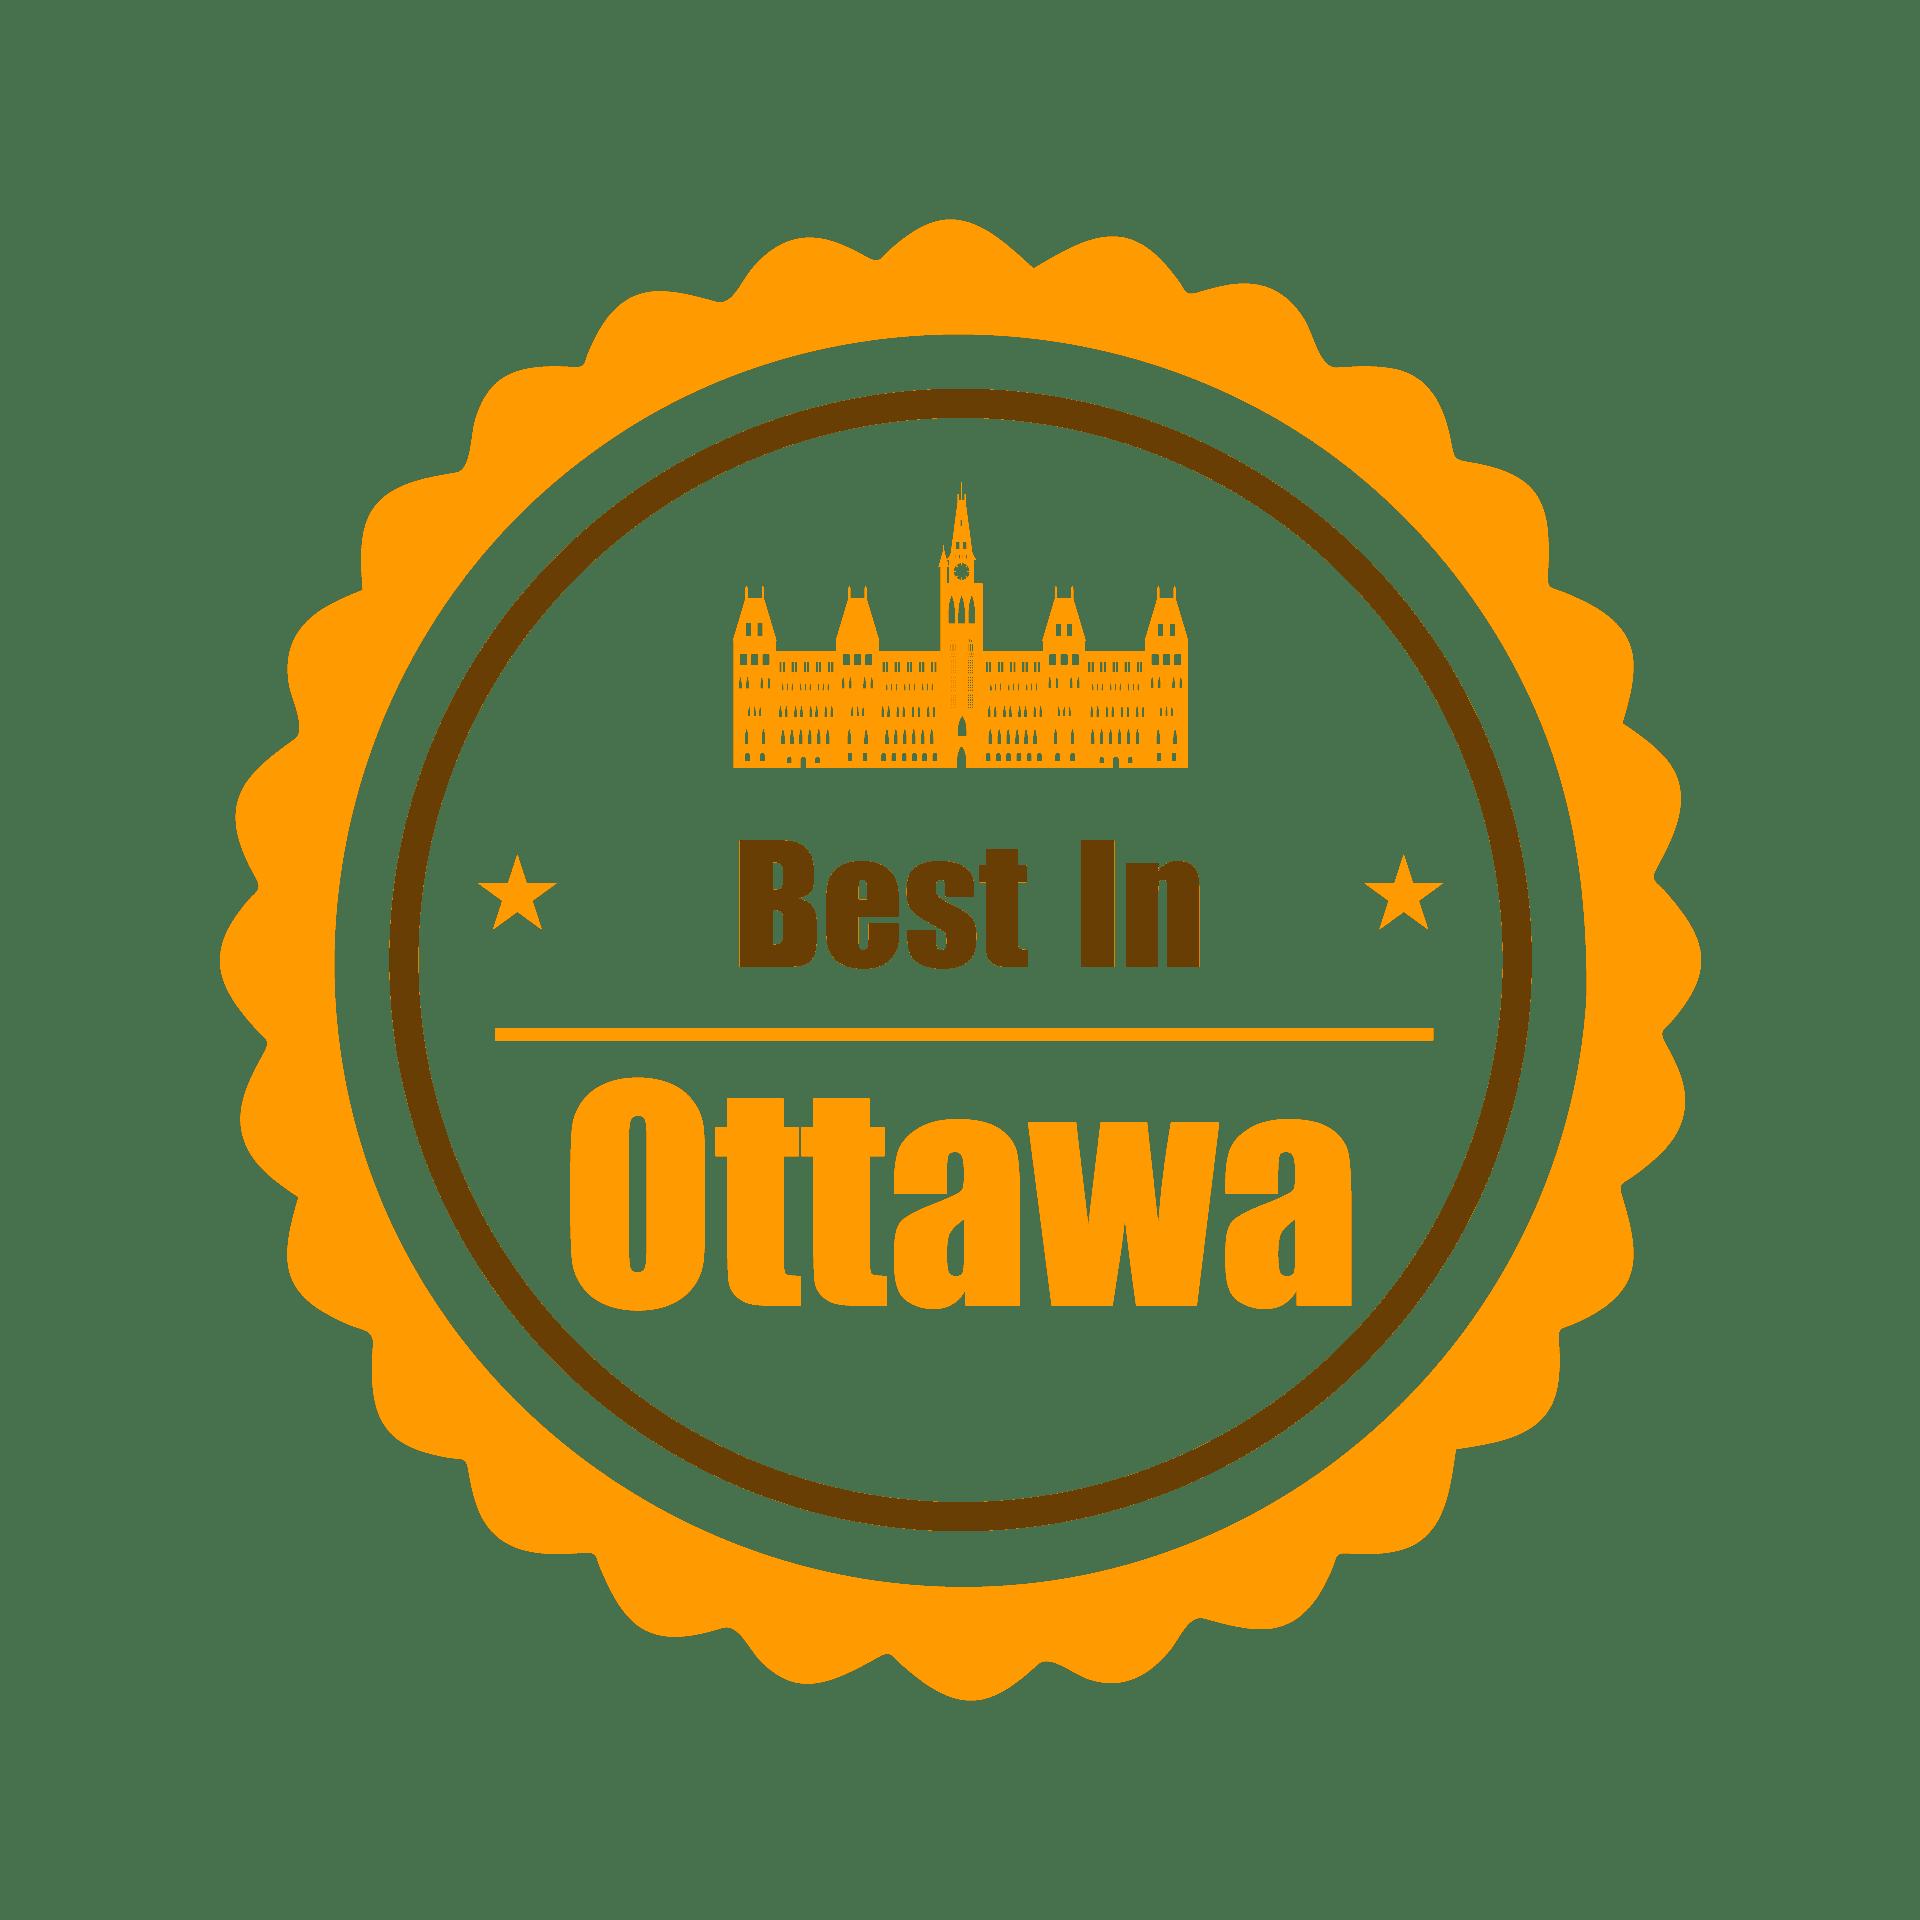 Best in Ottawa 2021